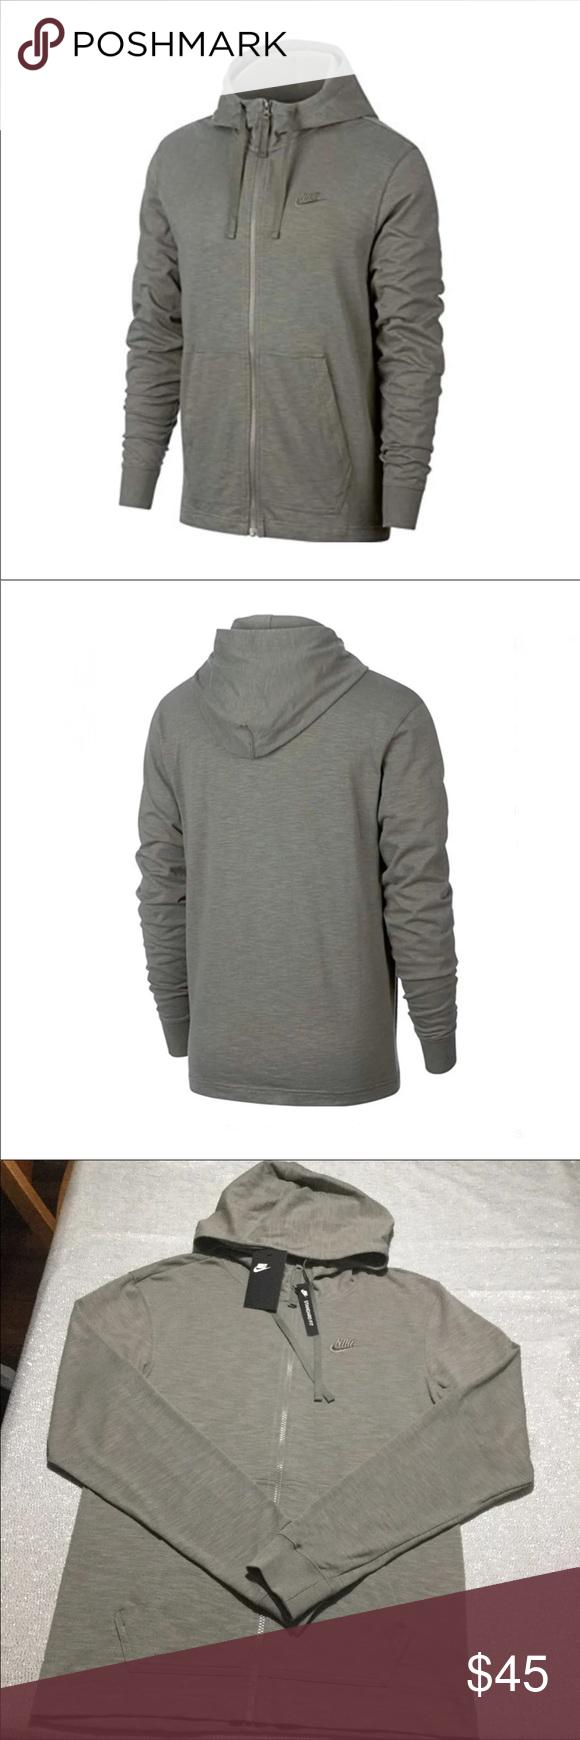 f55cae7546aa SMALL OR XL NIKE DUAL SPORTSWEAR HOODIE NWT MEN Nike Sportswear Dual Full  Zip Hoodie